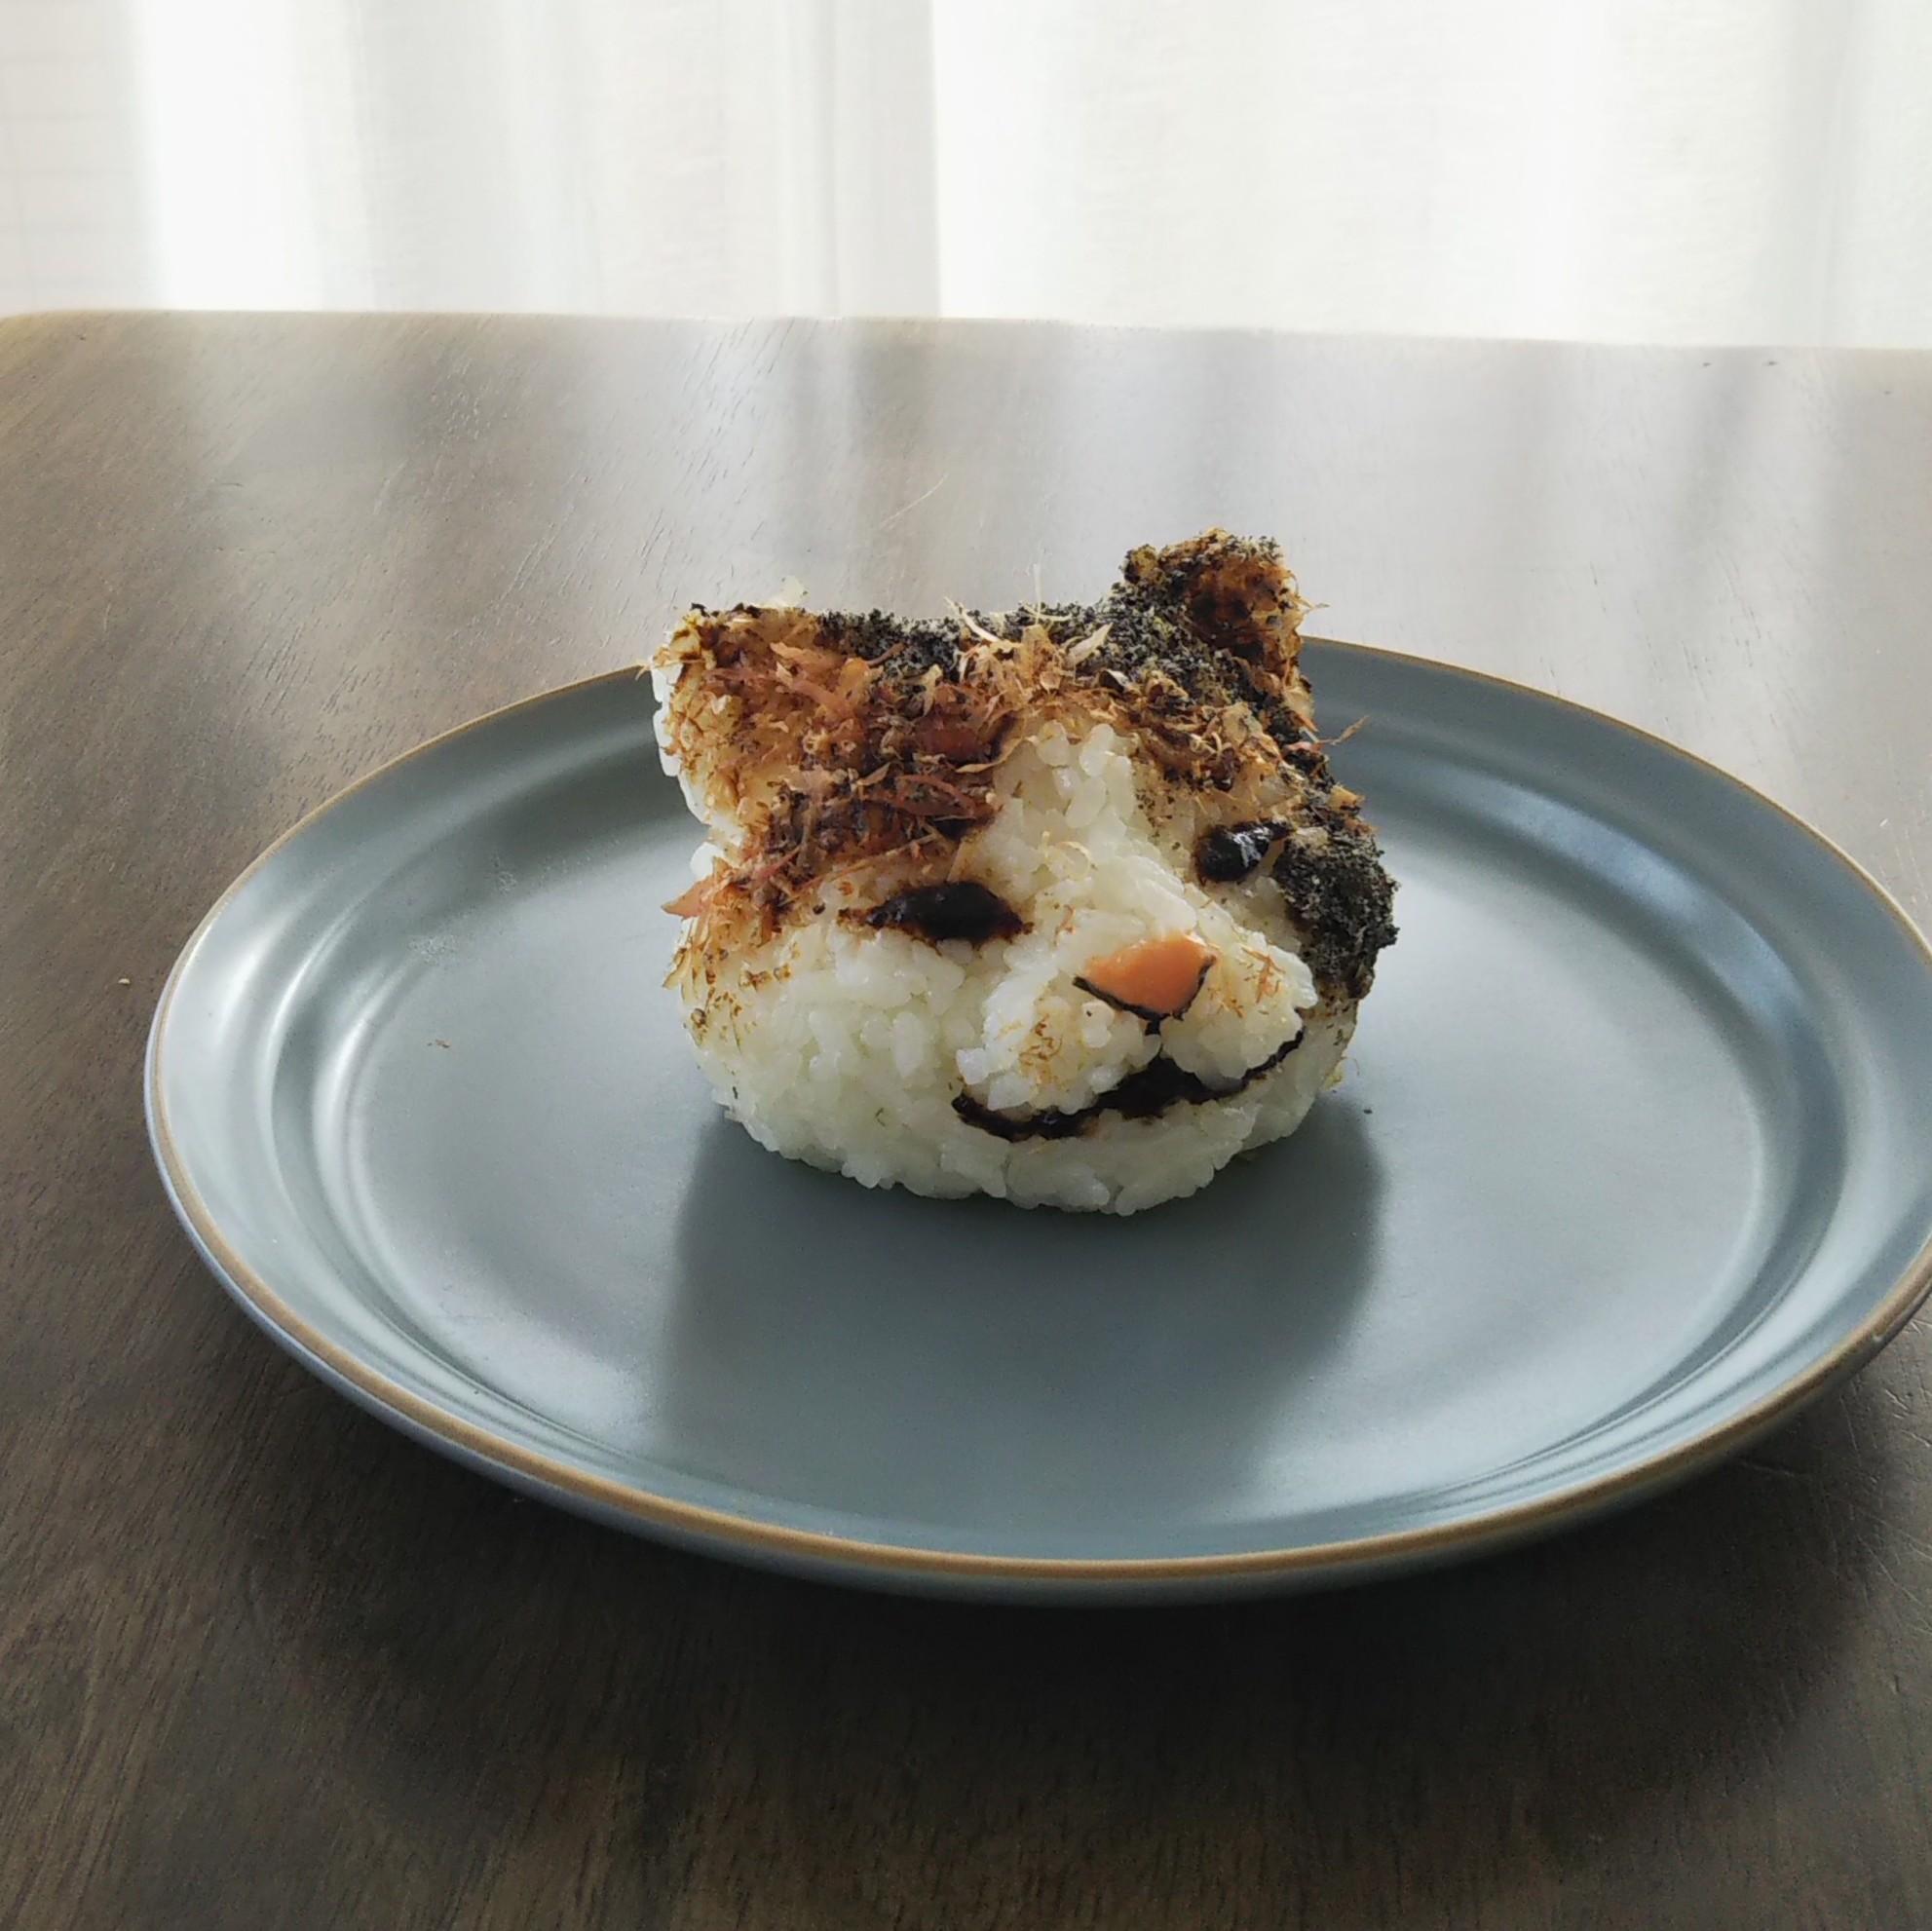 リアルな猫おにぎりを作りました🐱